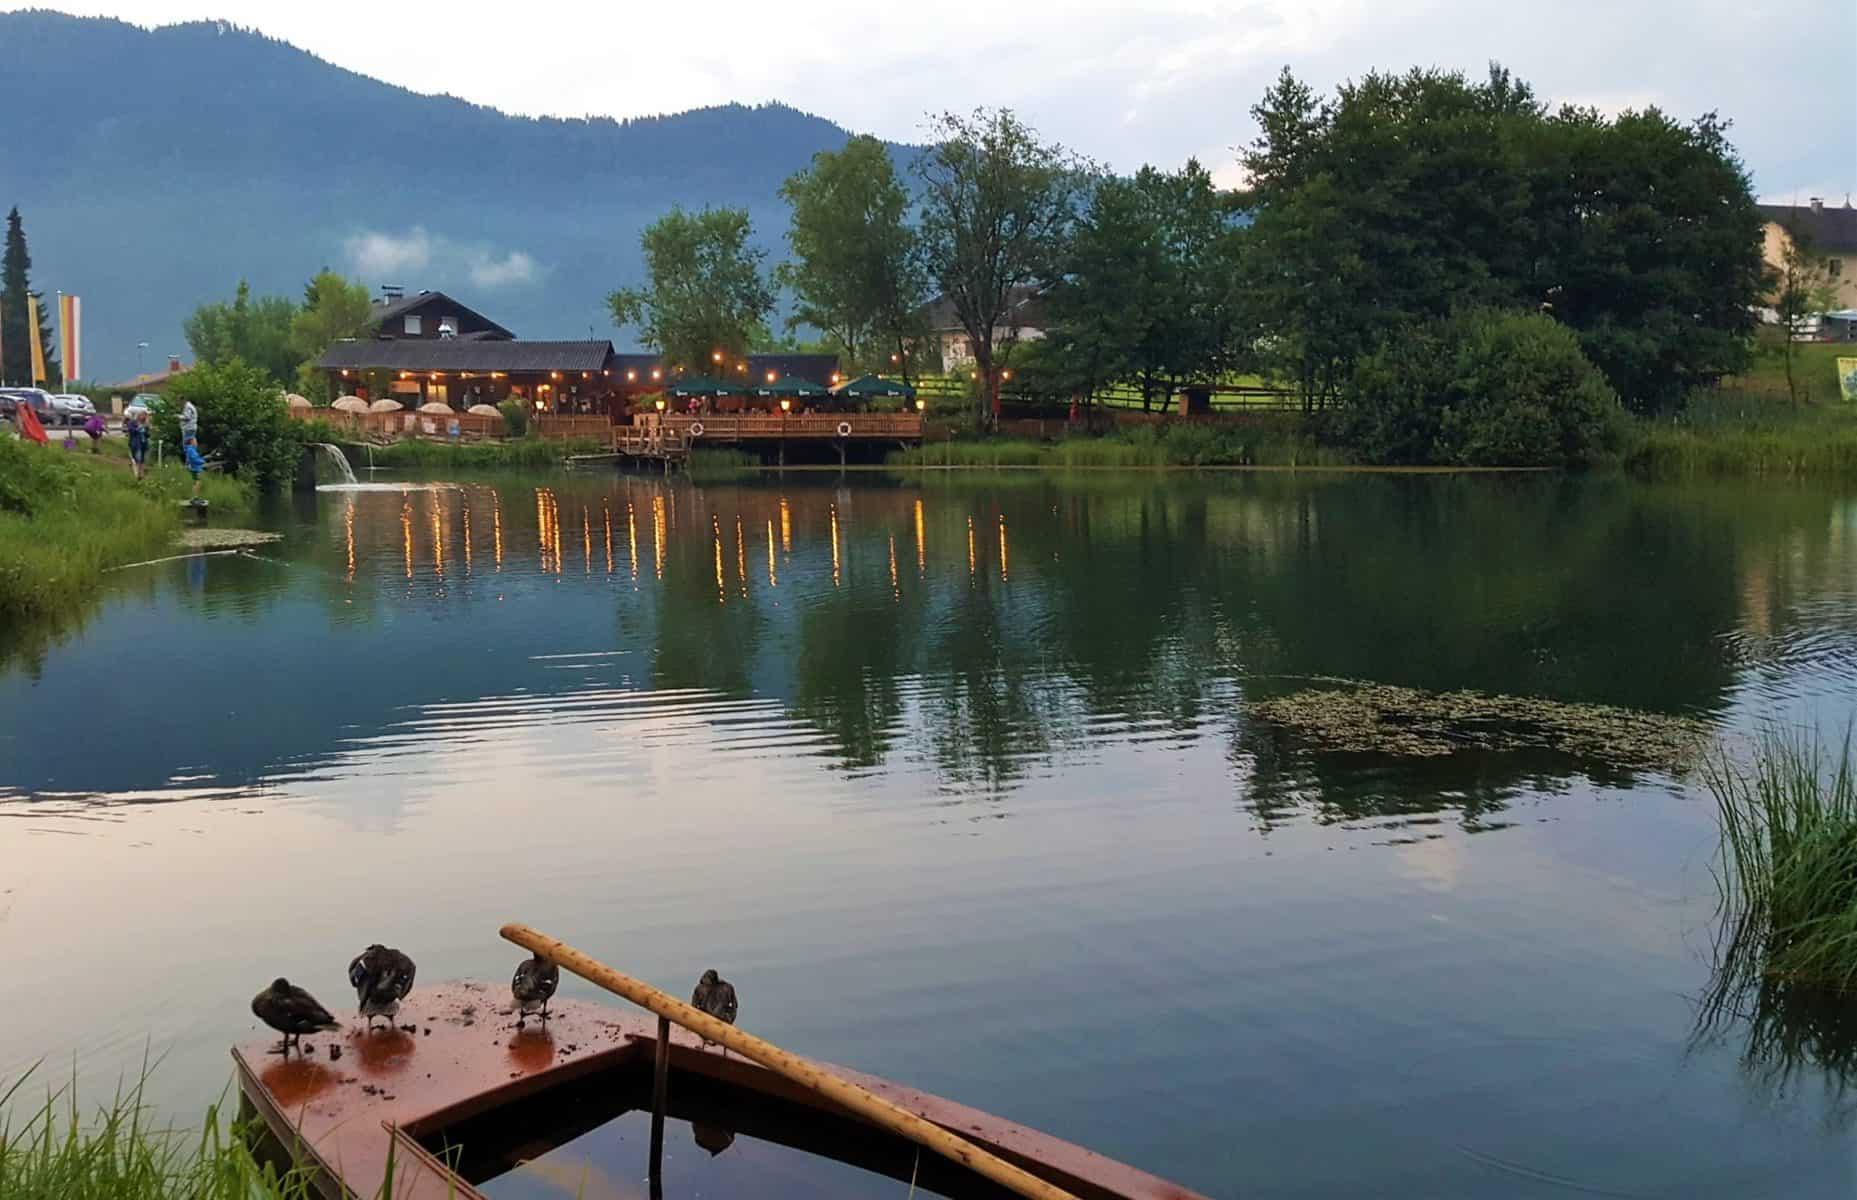 Angelteich am Ossiacher See - Tipp für Familienaktivitäten in Kärnten, Österreich